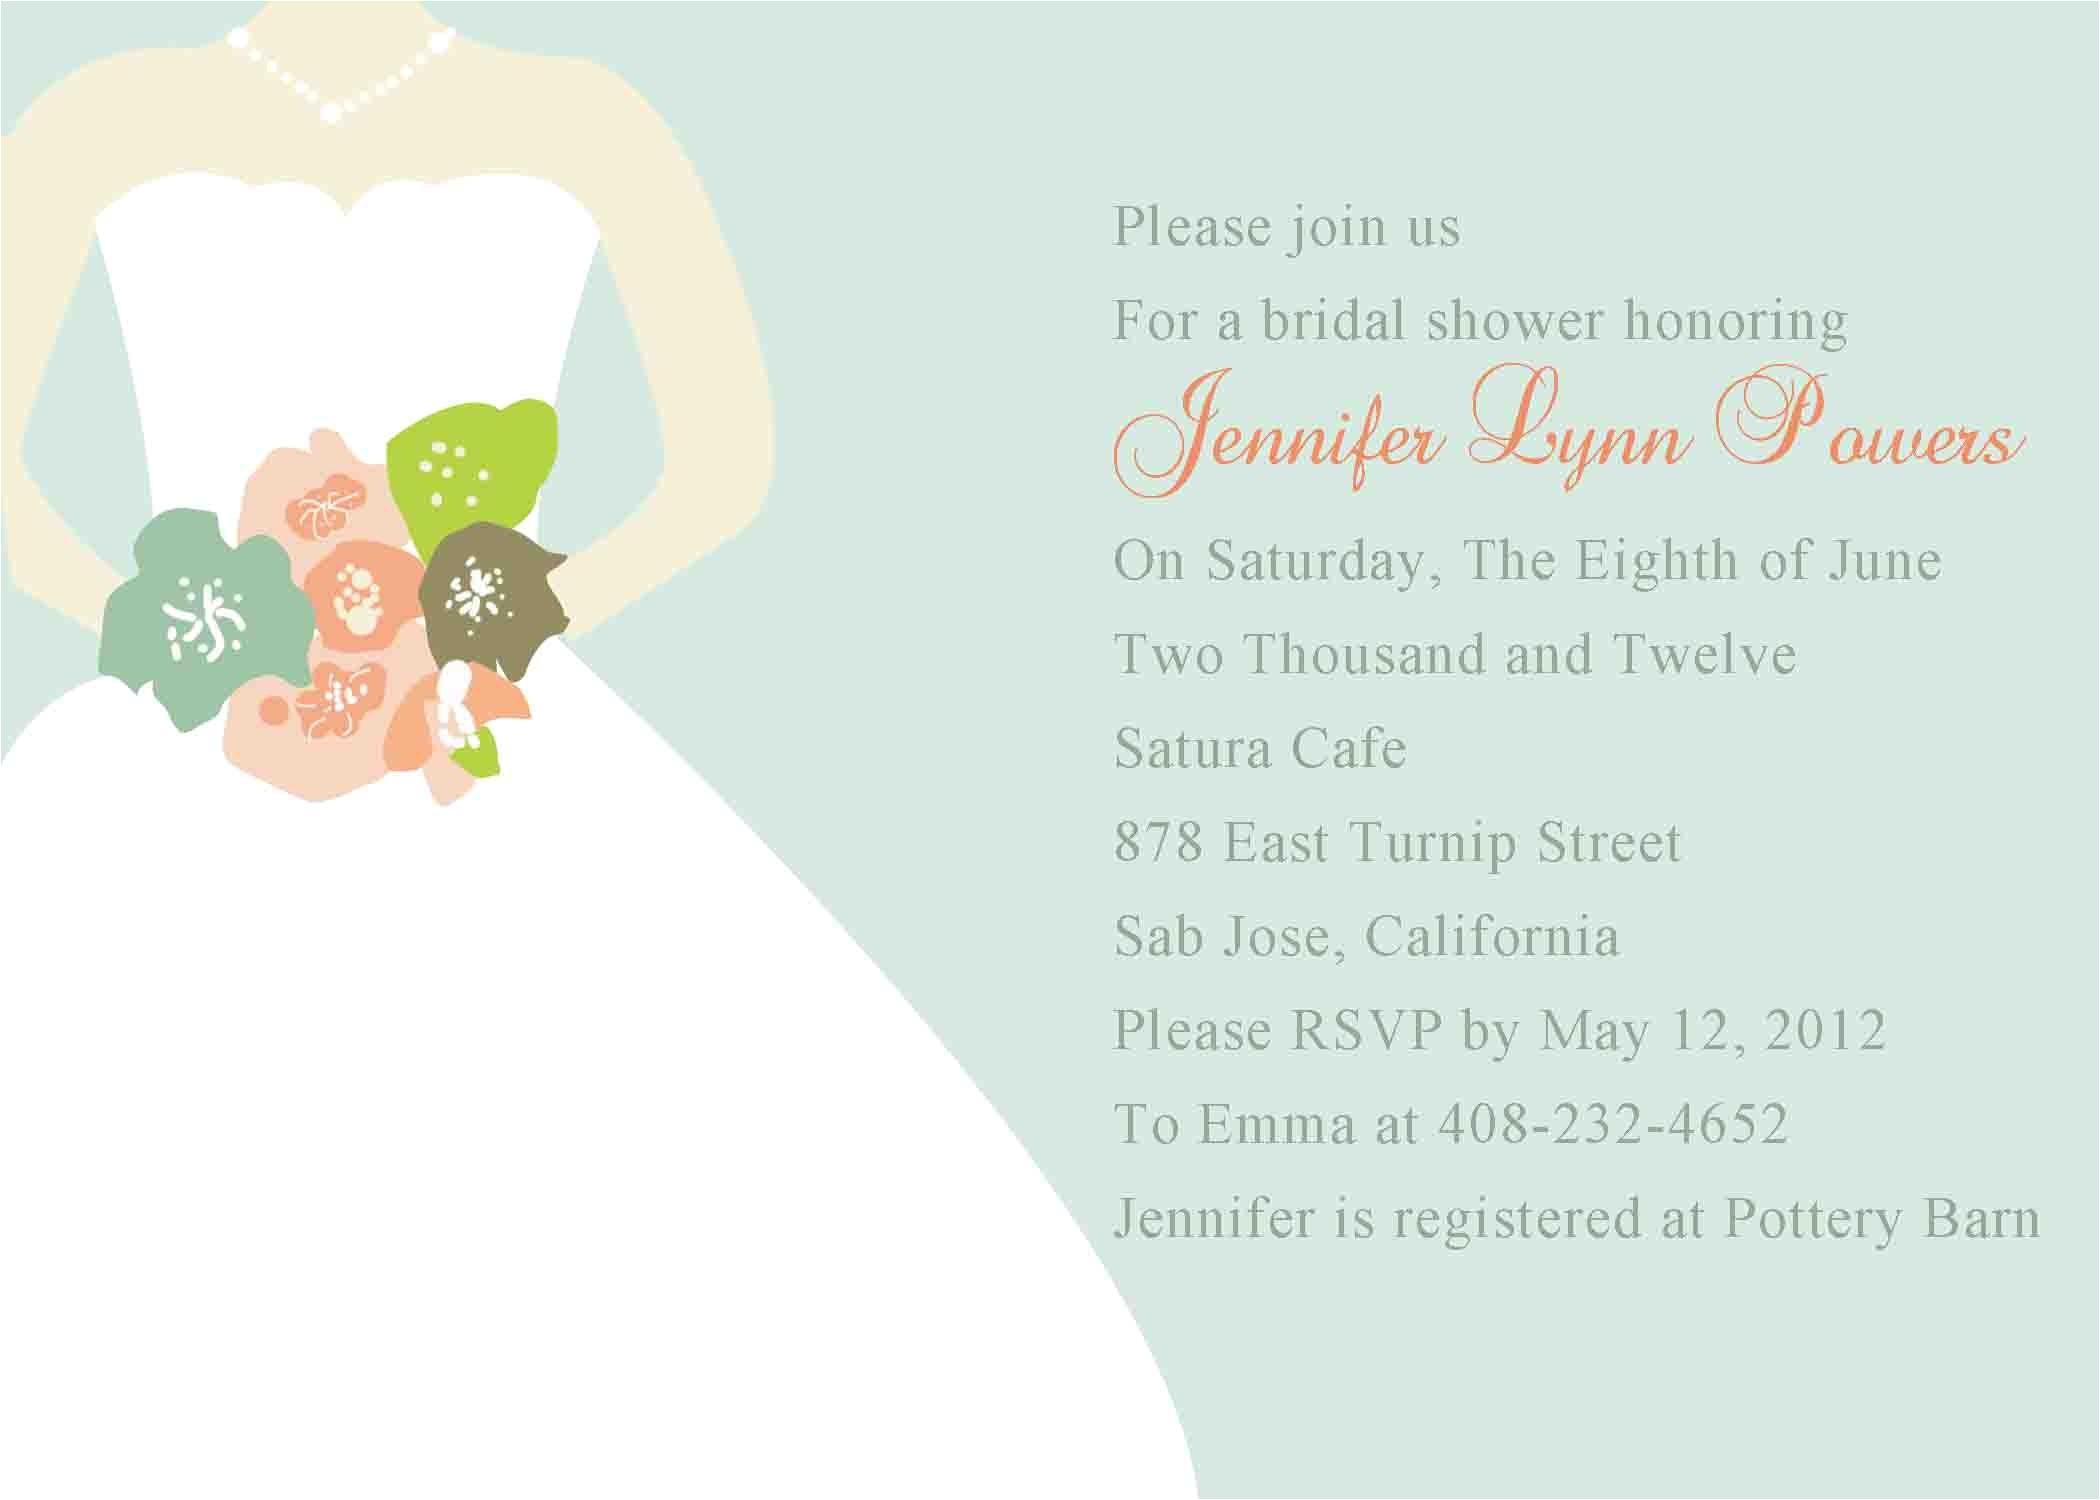 Cheapest Bridal Shower Invitations Cheap Wedding Shower Invitations Cheapest Bridal Shower